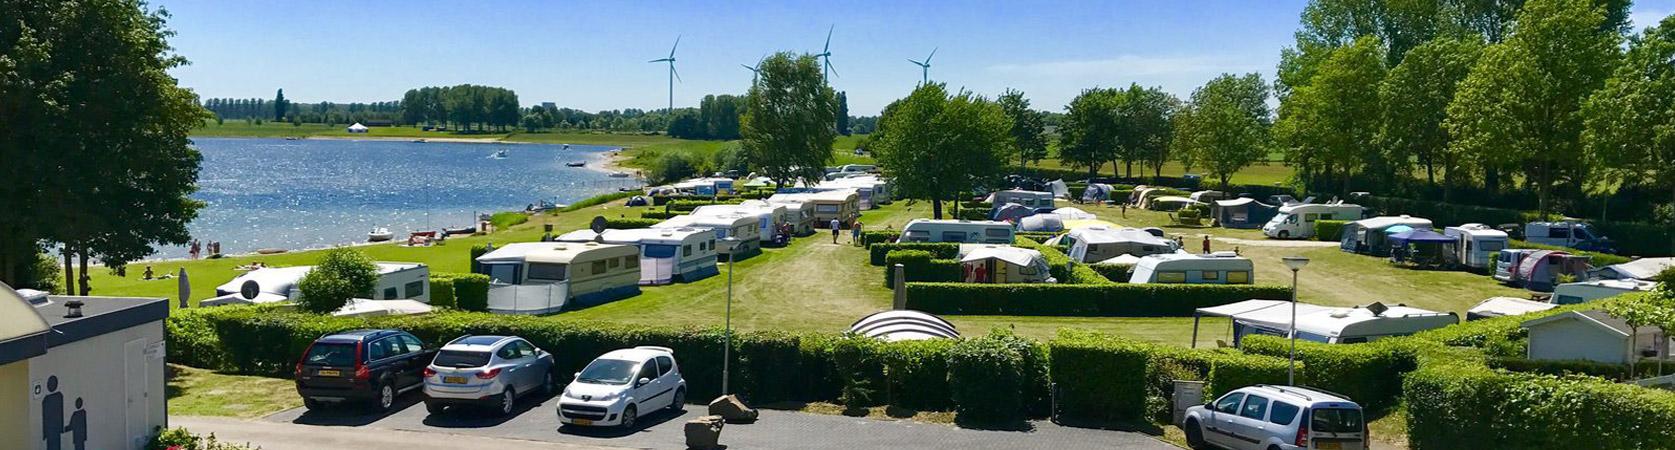 Recreatiepark en Jachthaven Rhederlaagse Meren - Lathum, Gelderland